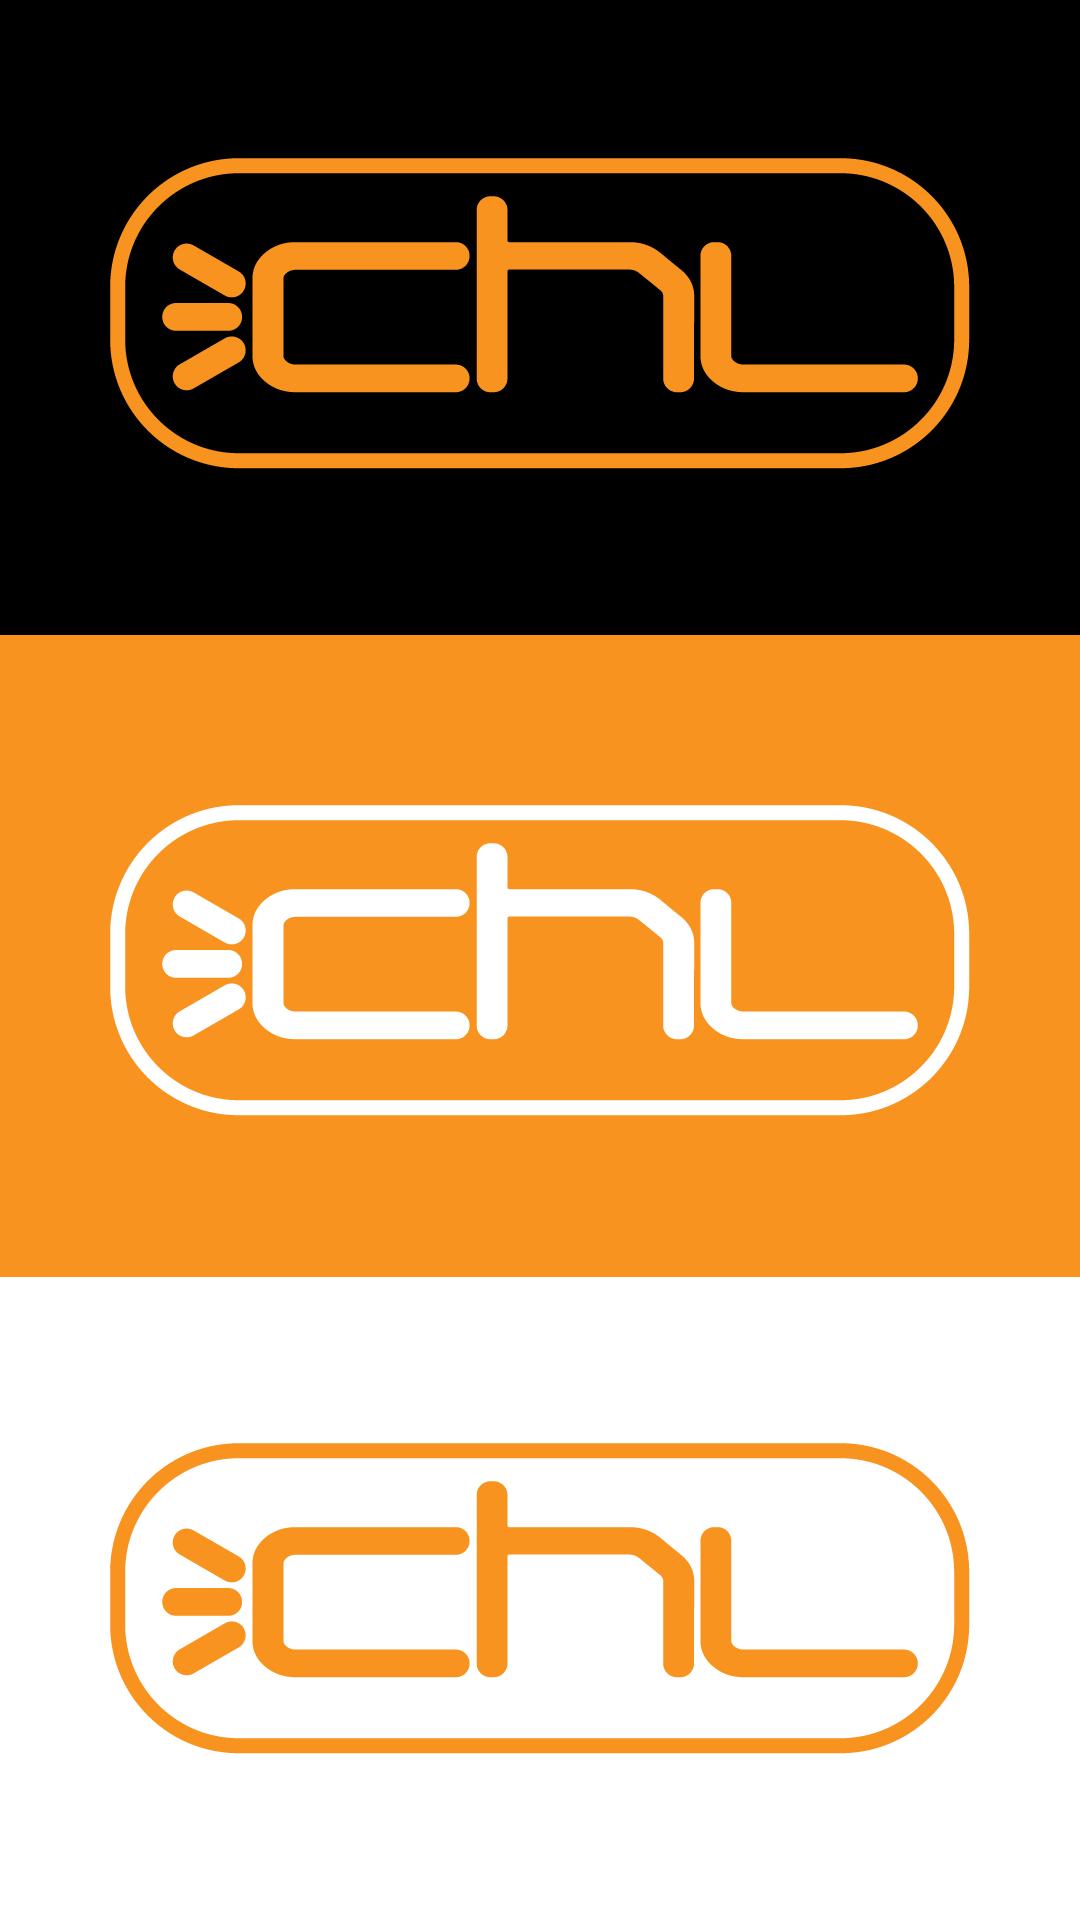 разработка логотипа для производителя фар фото f_7665f5b222eed4bd.png